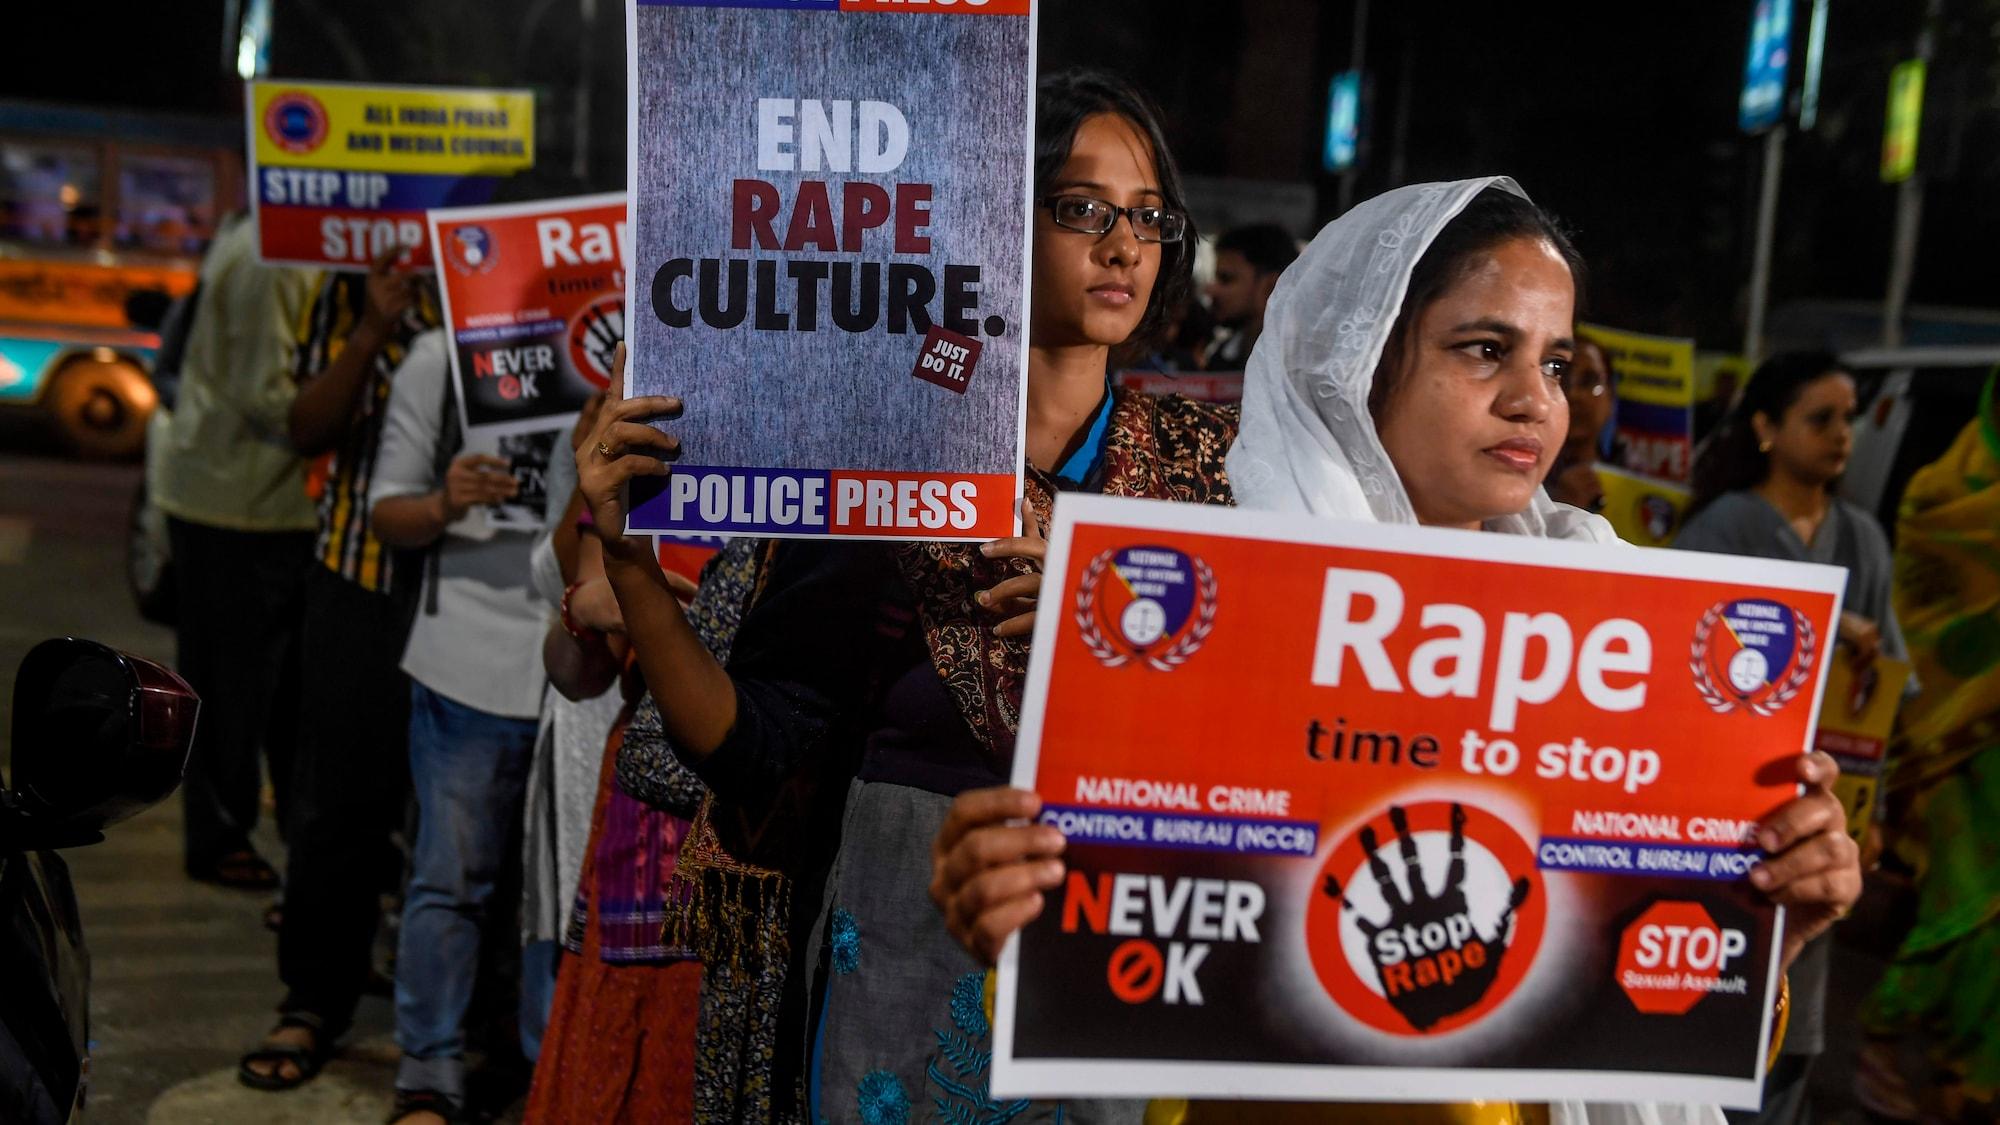 Täter konnten flüchten: Vergewaltigungsopfer (23) vor Gerichtsprozess angezündet